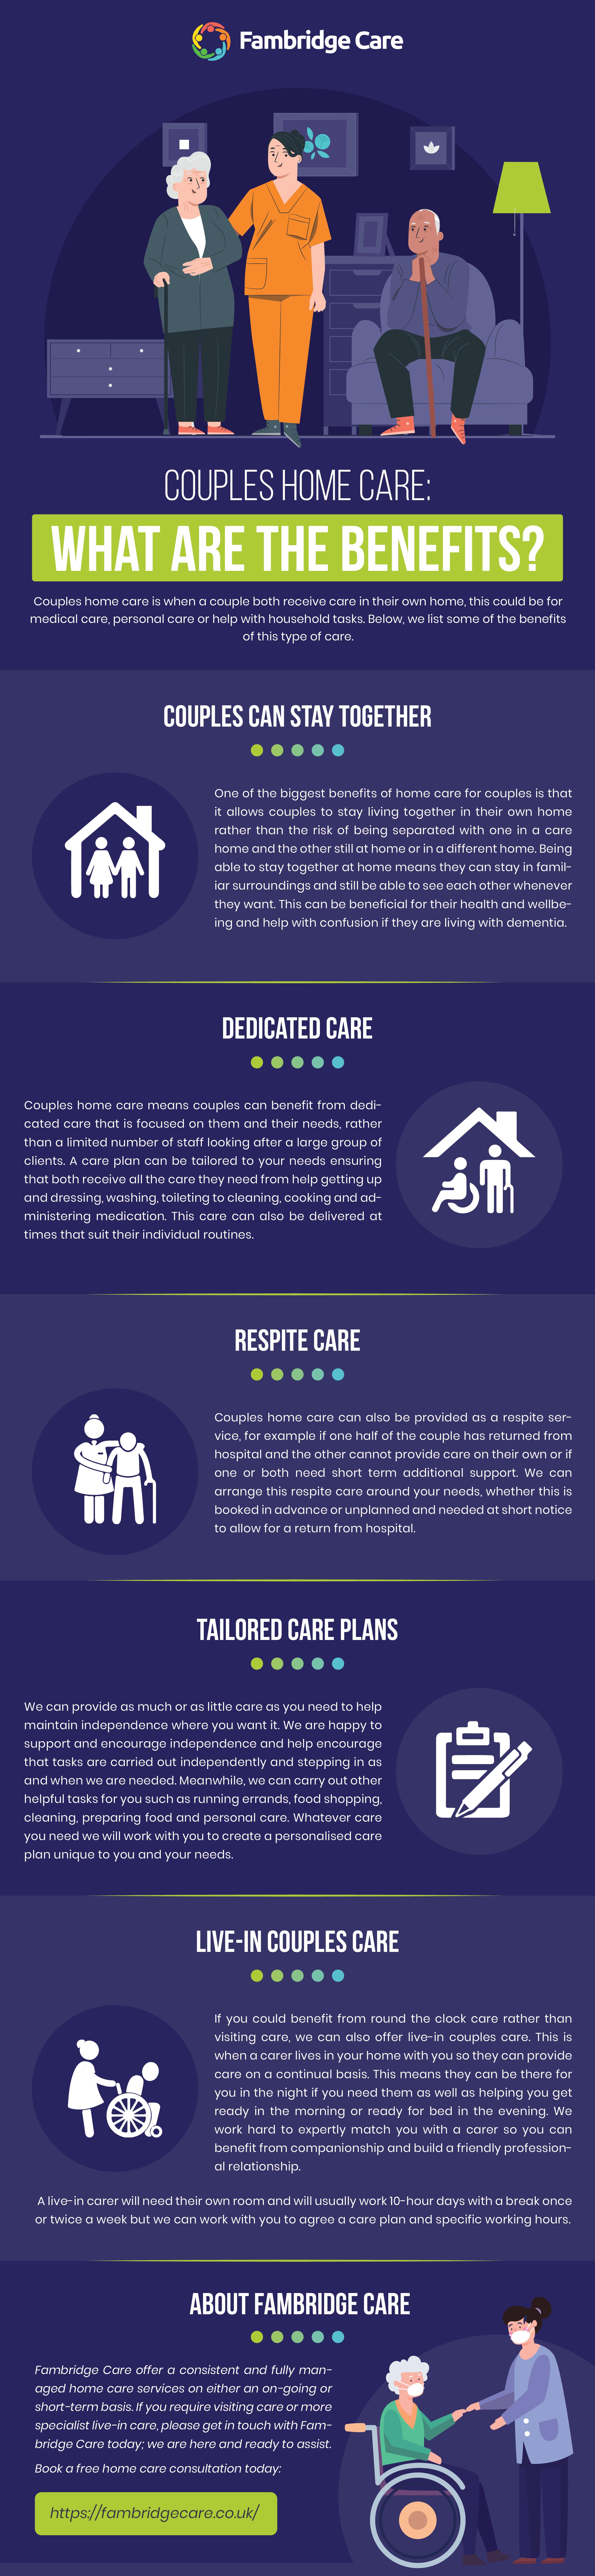 Fambridge Care - Infographic Design - August 2021